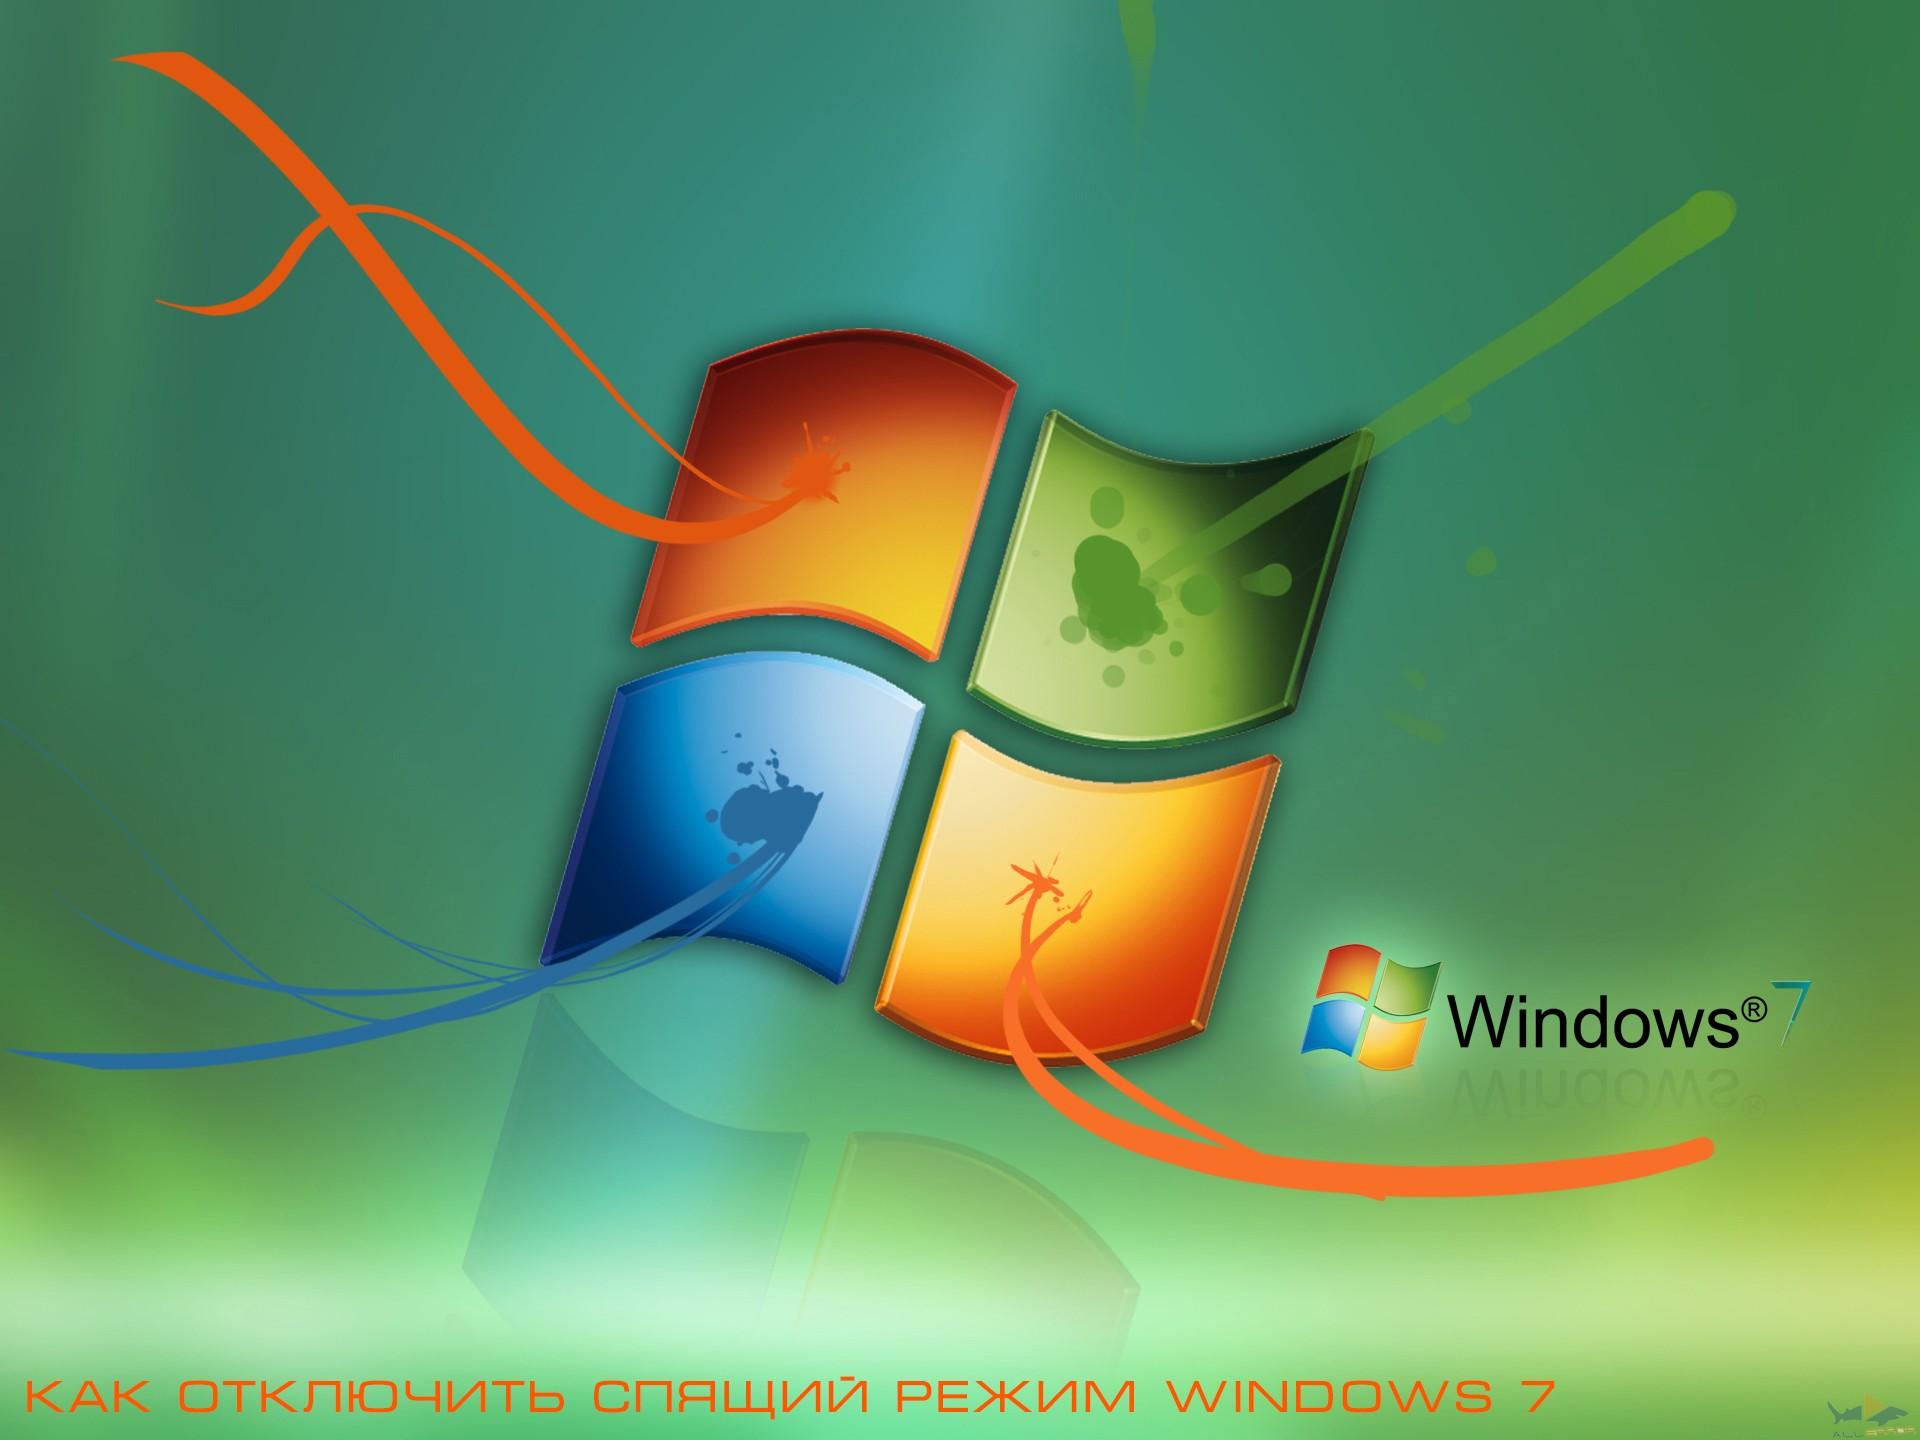 Как отключить спящий режим и гибернацию в Windows 7